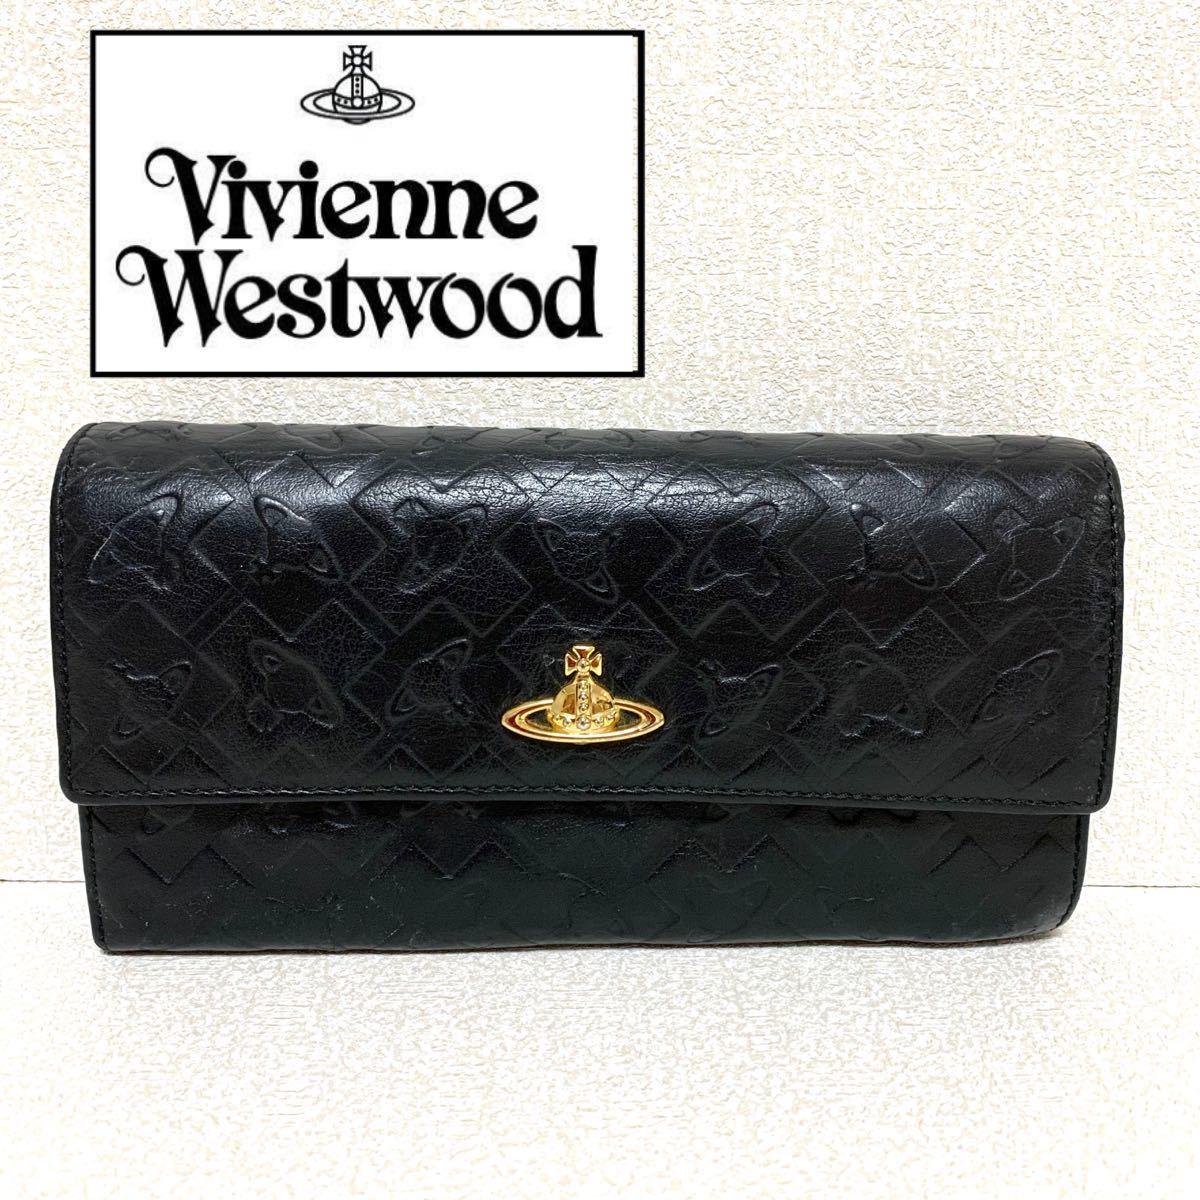 ヴィヴィアンウエストウッド Vivienne Westwood 長財布